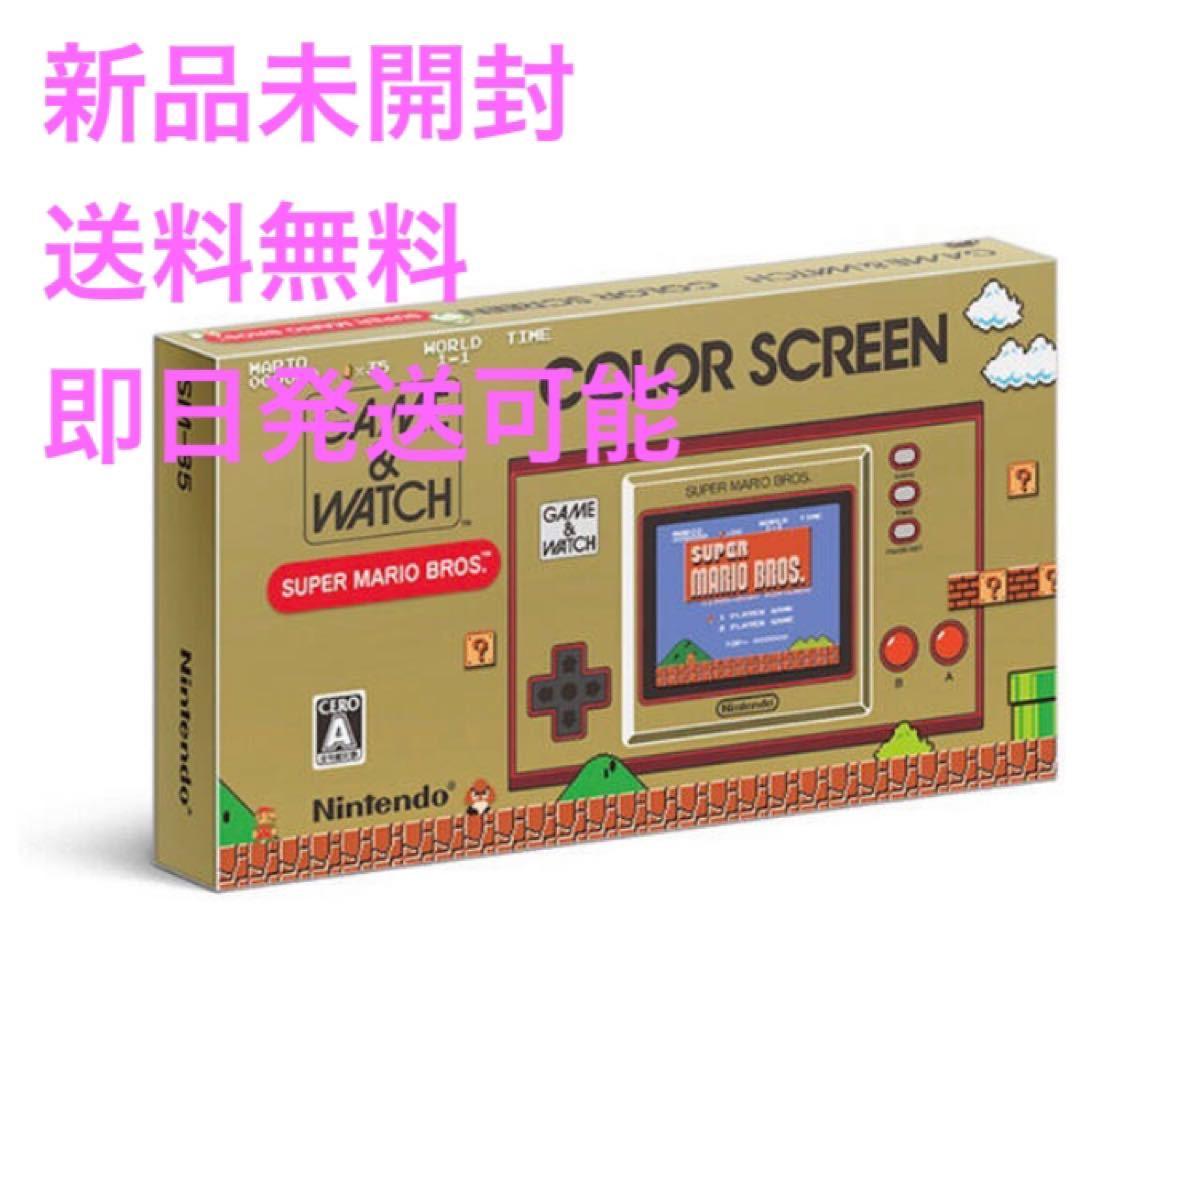 任天堂【35周年限定】Nintendoゲーム&ウオッチ スーパーマリオブラザーズ